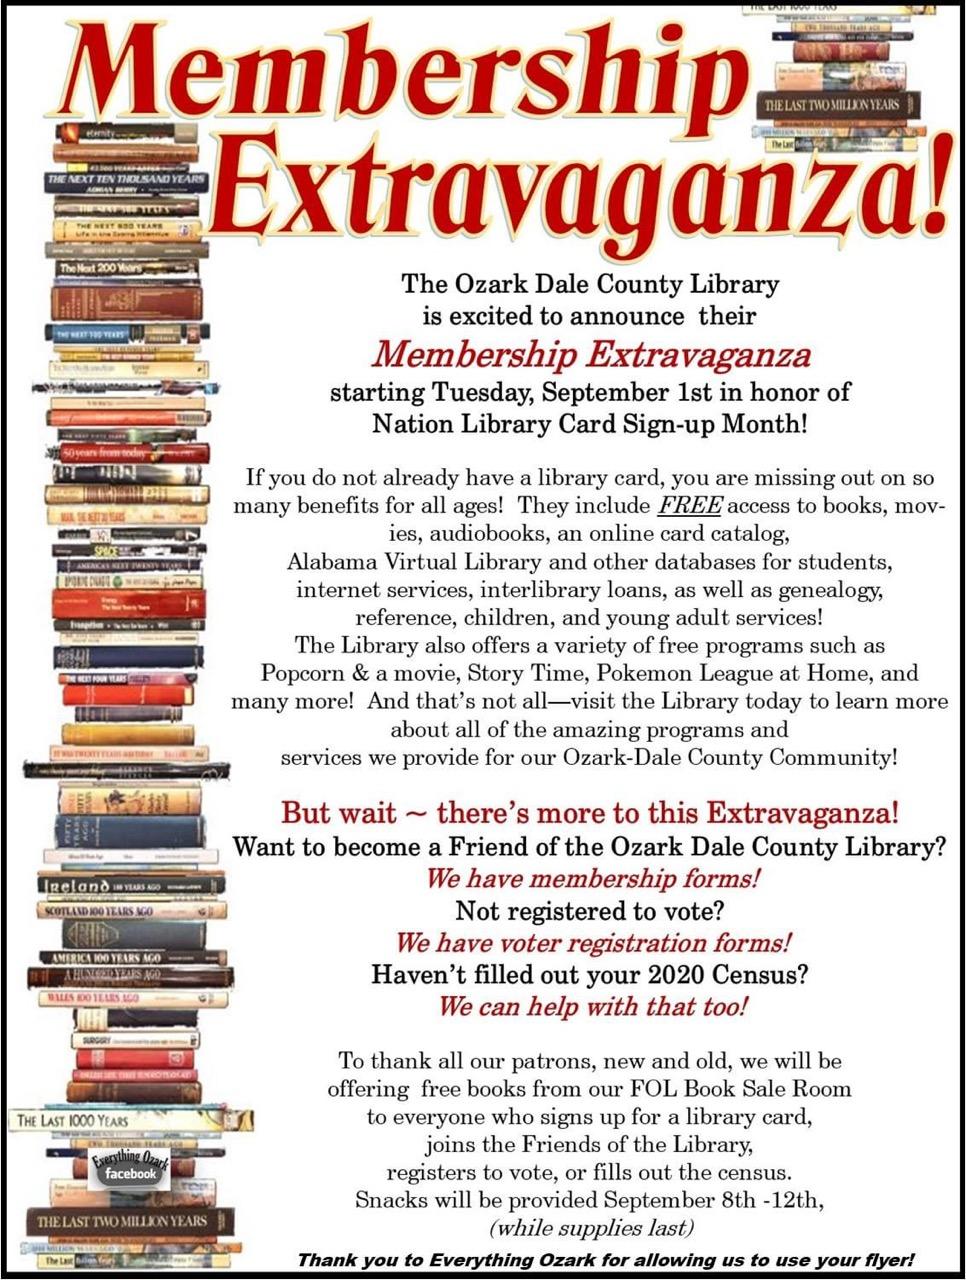 Ozark Library Membership Extravaganza!